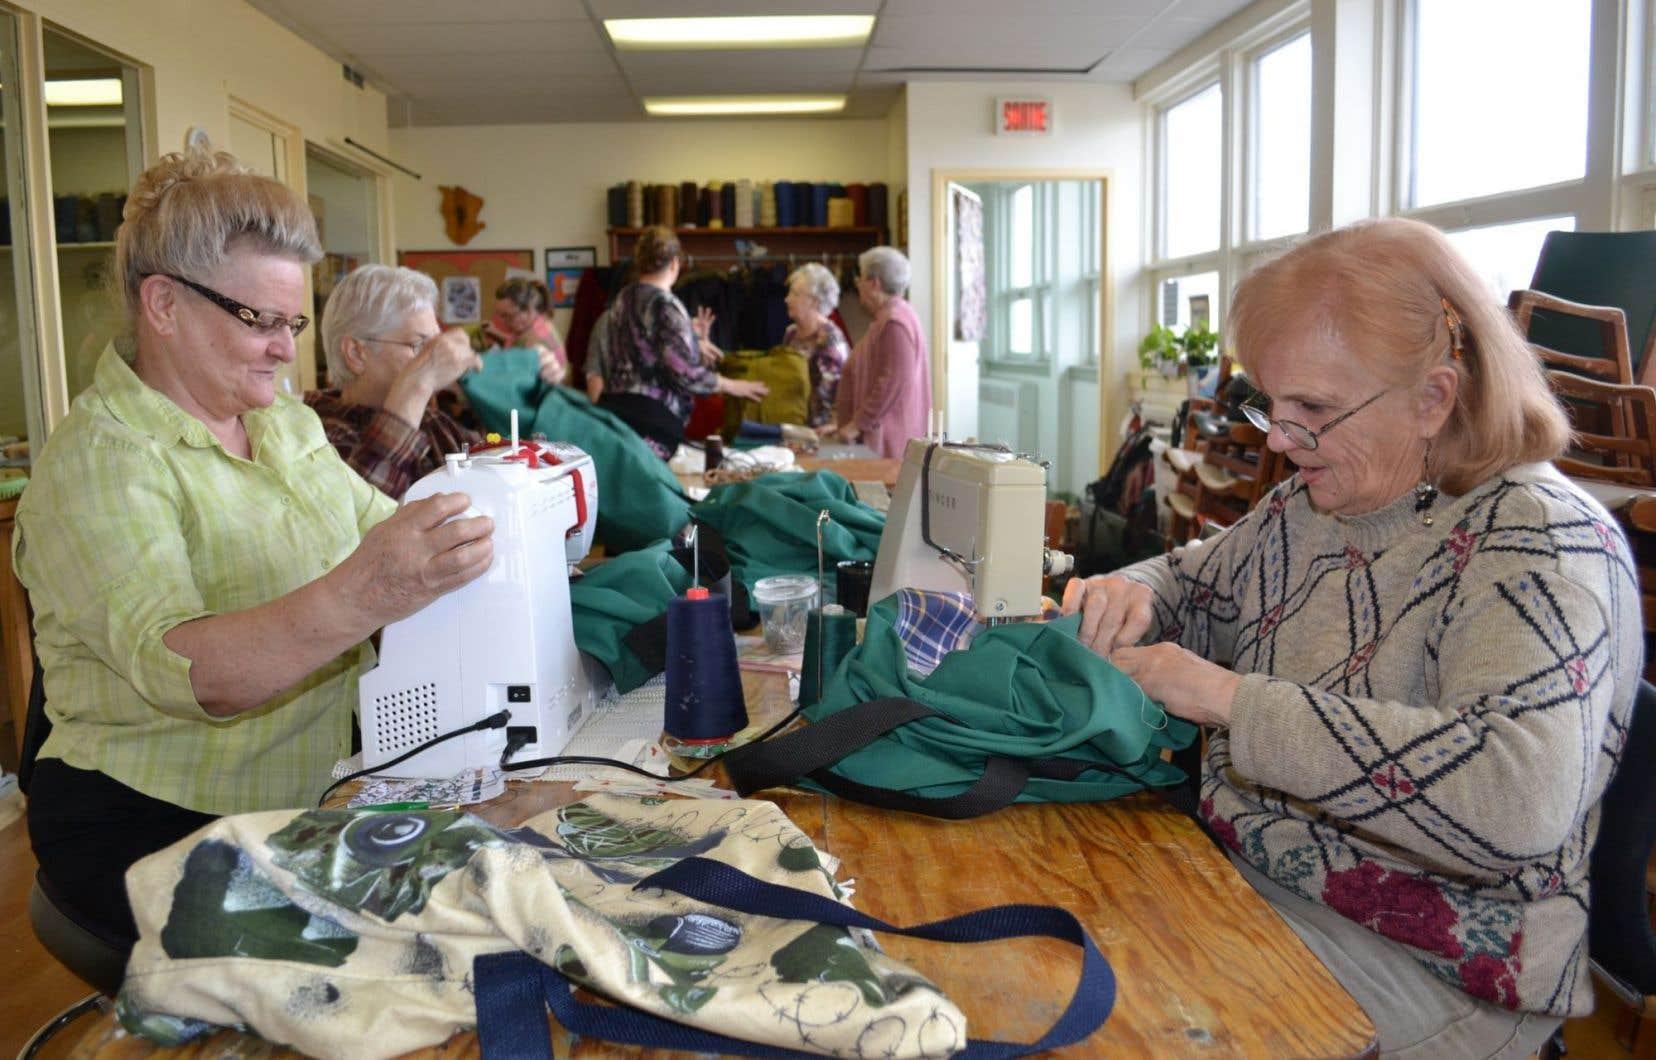 Des bénévoles du Cercle des fermières de Cowansville confectionnent des baluchons destinés à des enfants des Centres jeunesse.